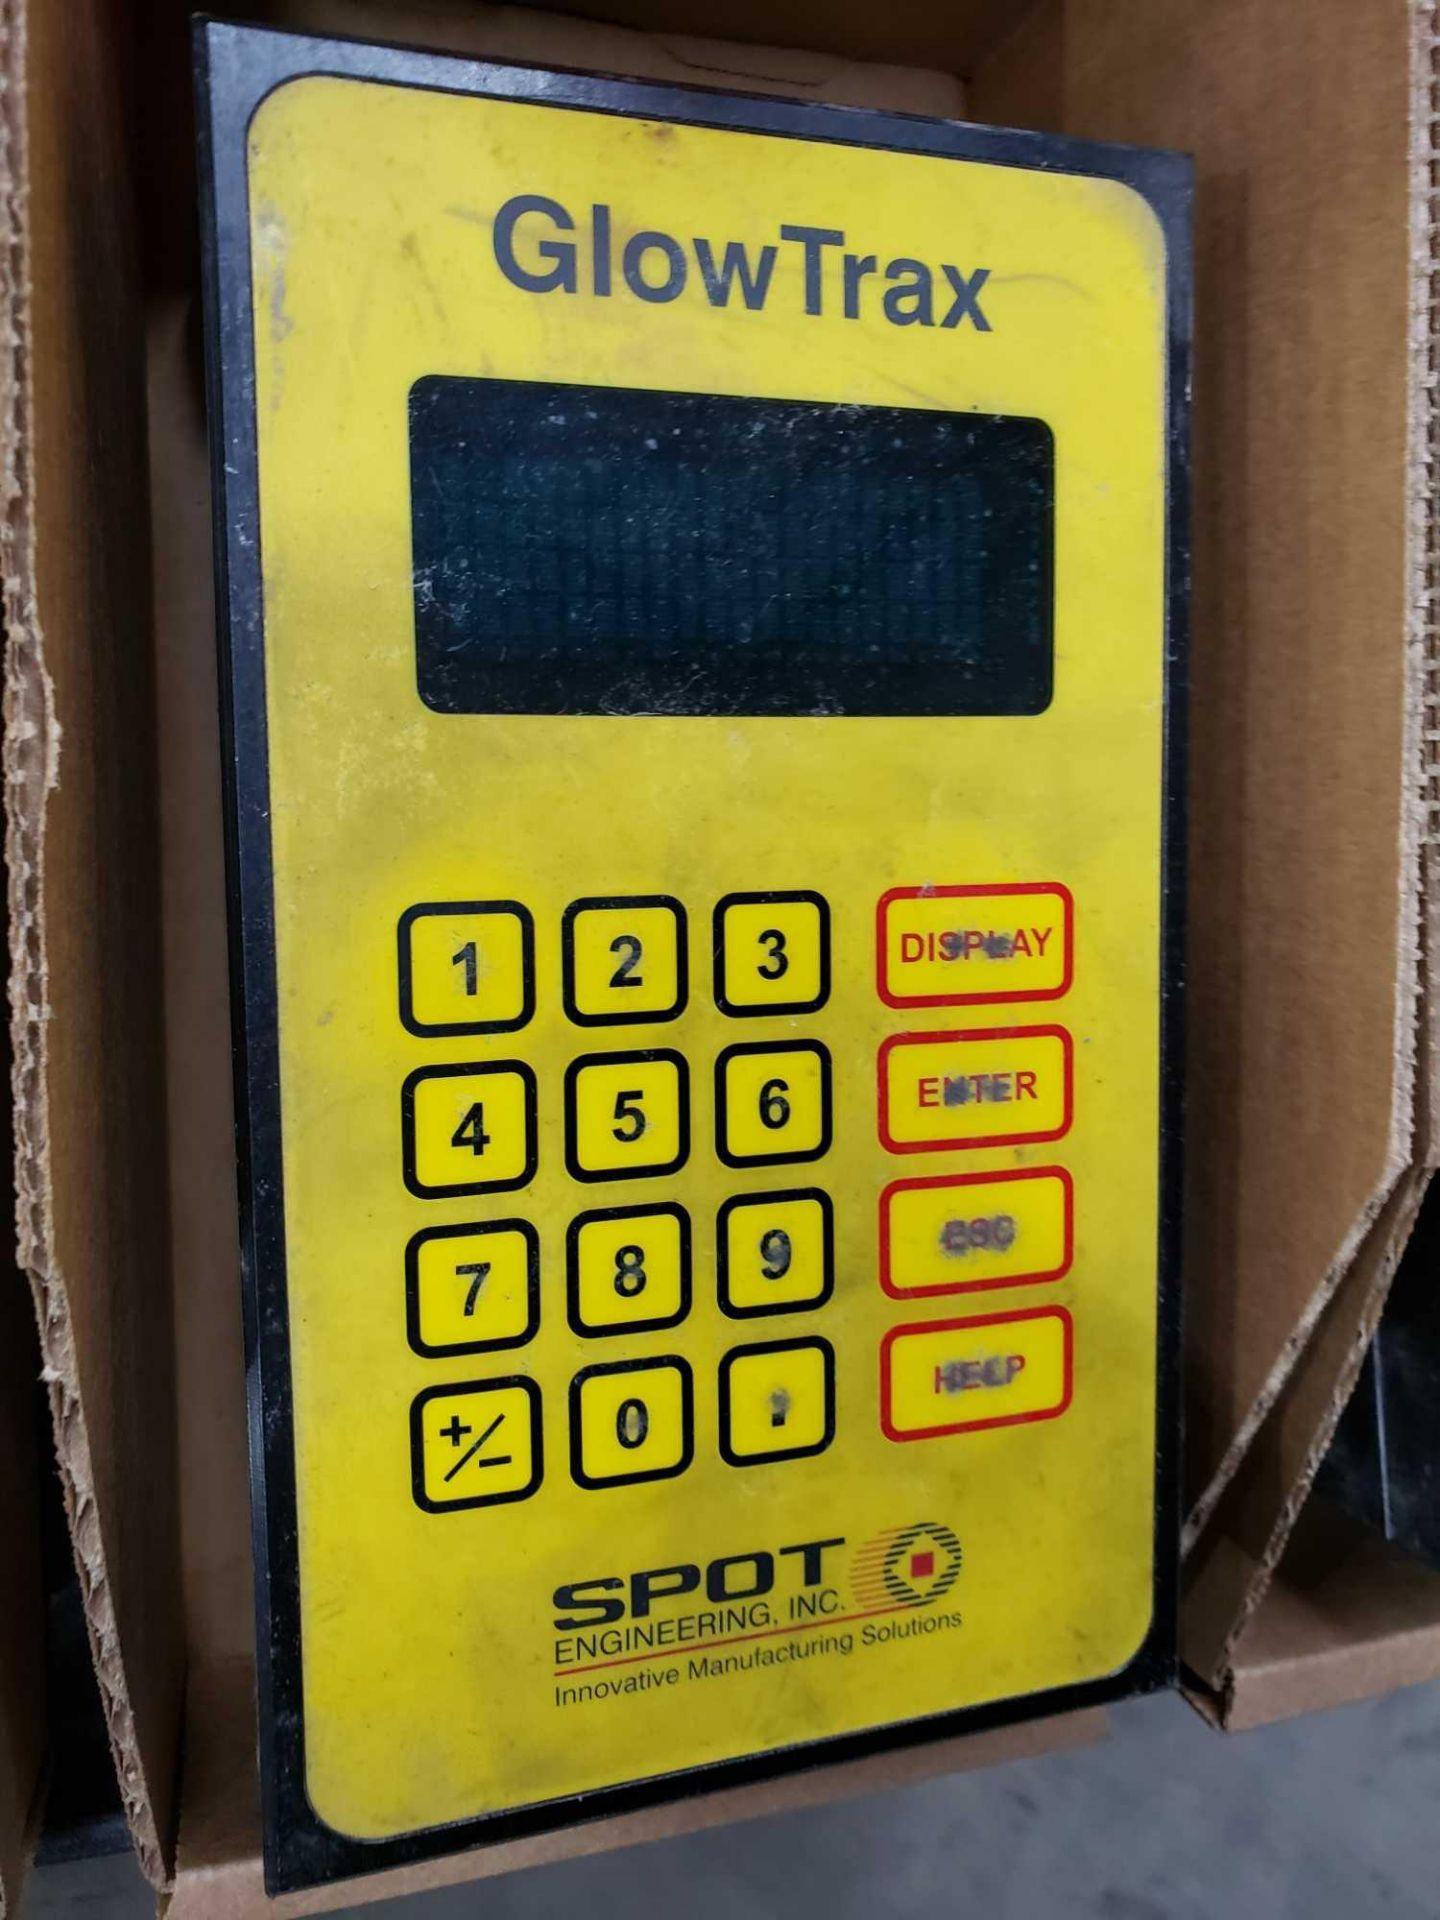 Lot 81 - Spot Engineering model GlowTrax mercury detector control unit.